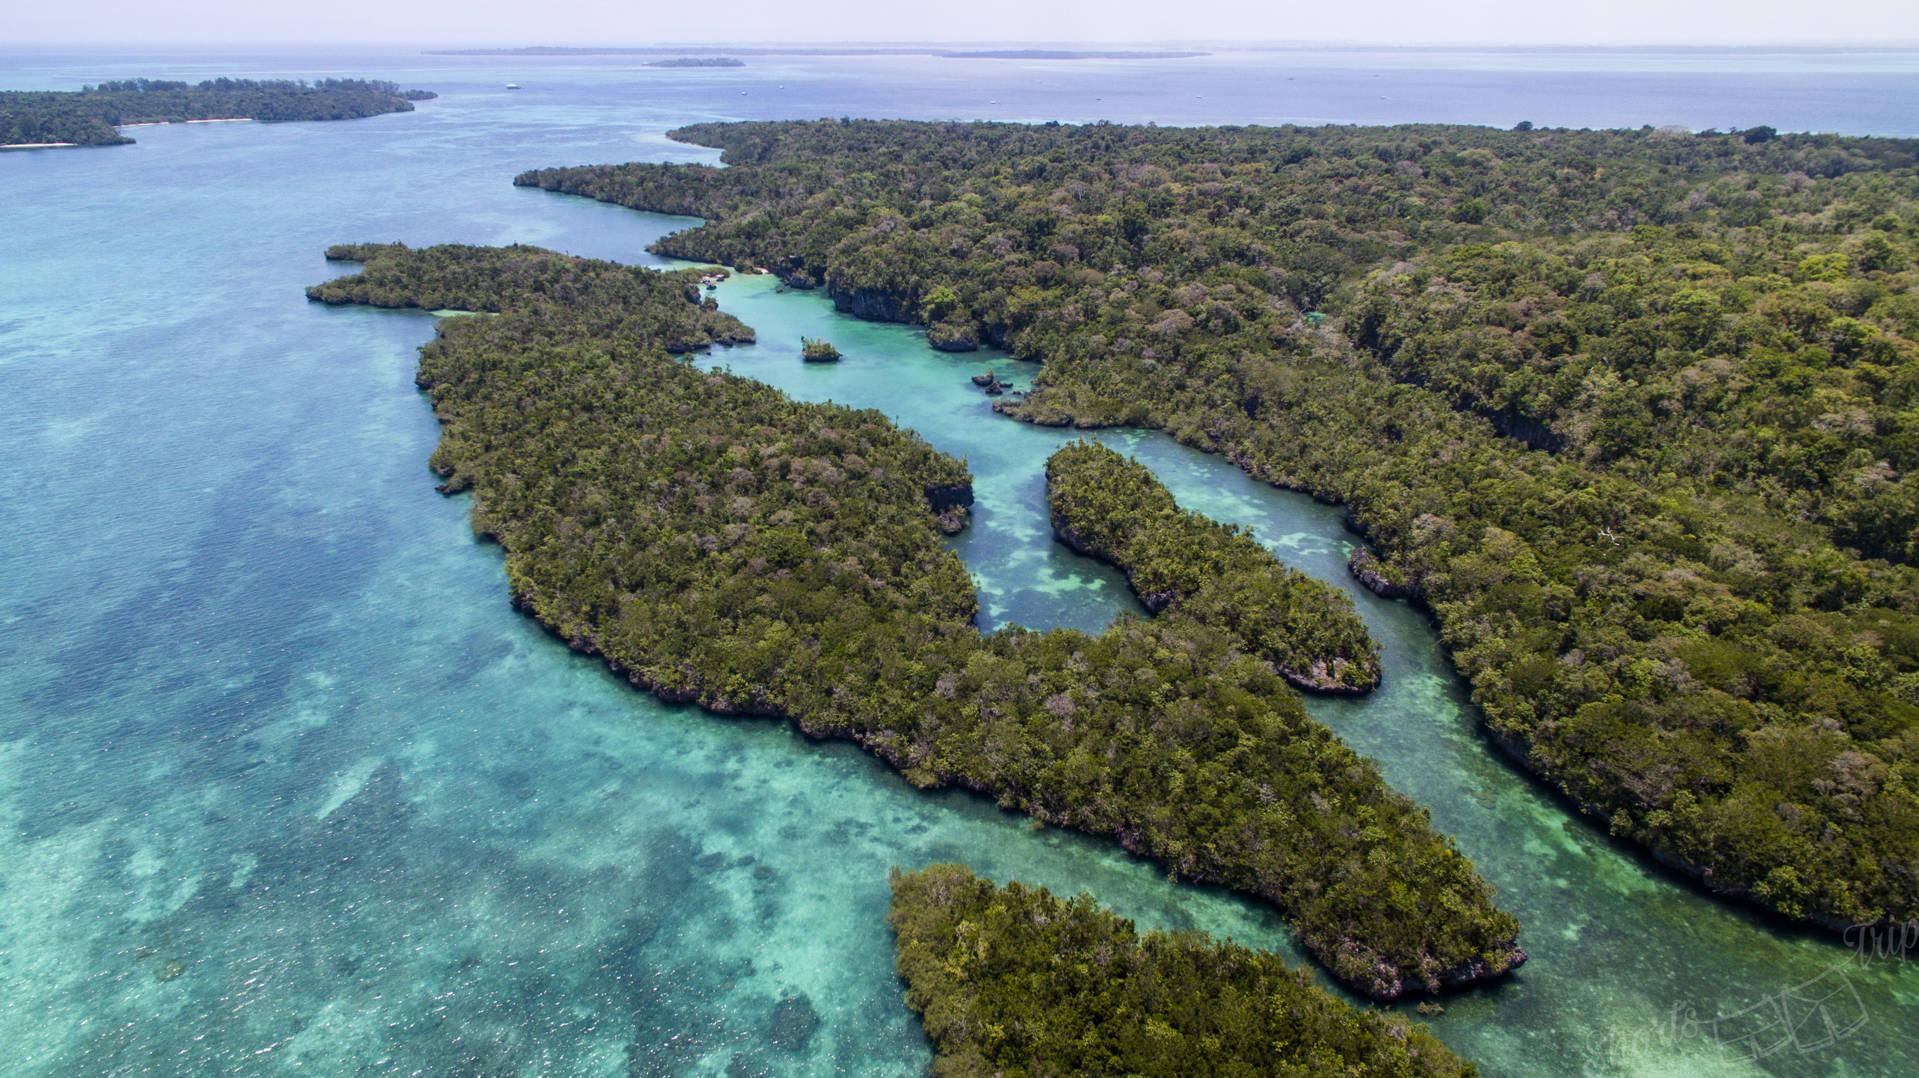 bair drone, kei islands, kei islands bair, kei bair, kei bair drone, kei islands drone